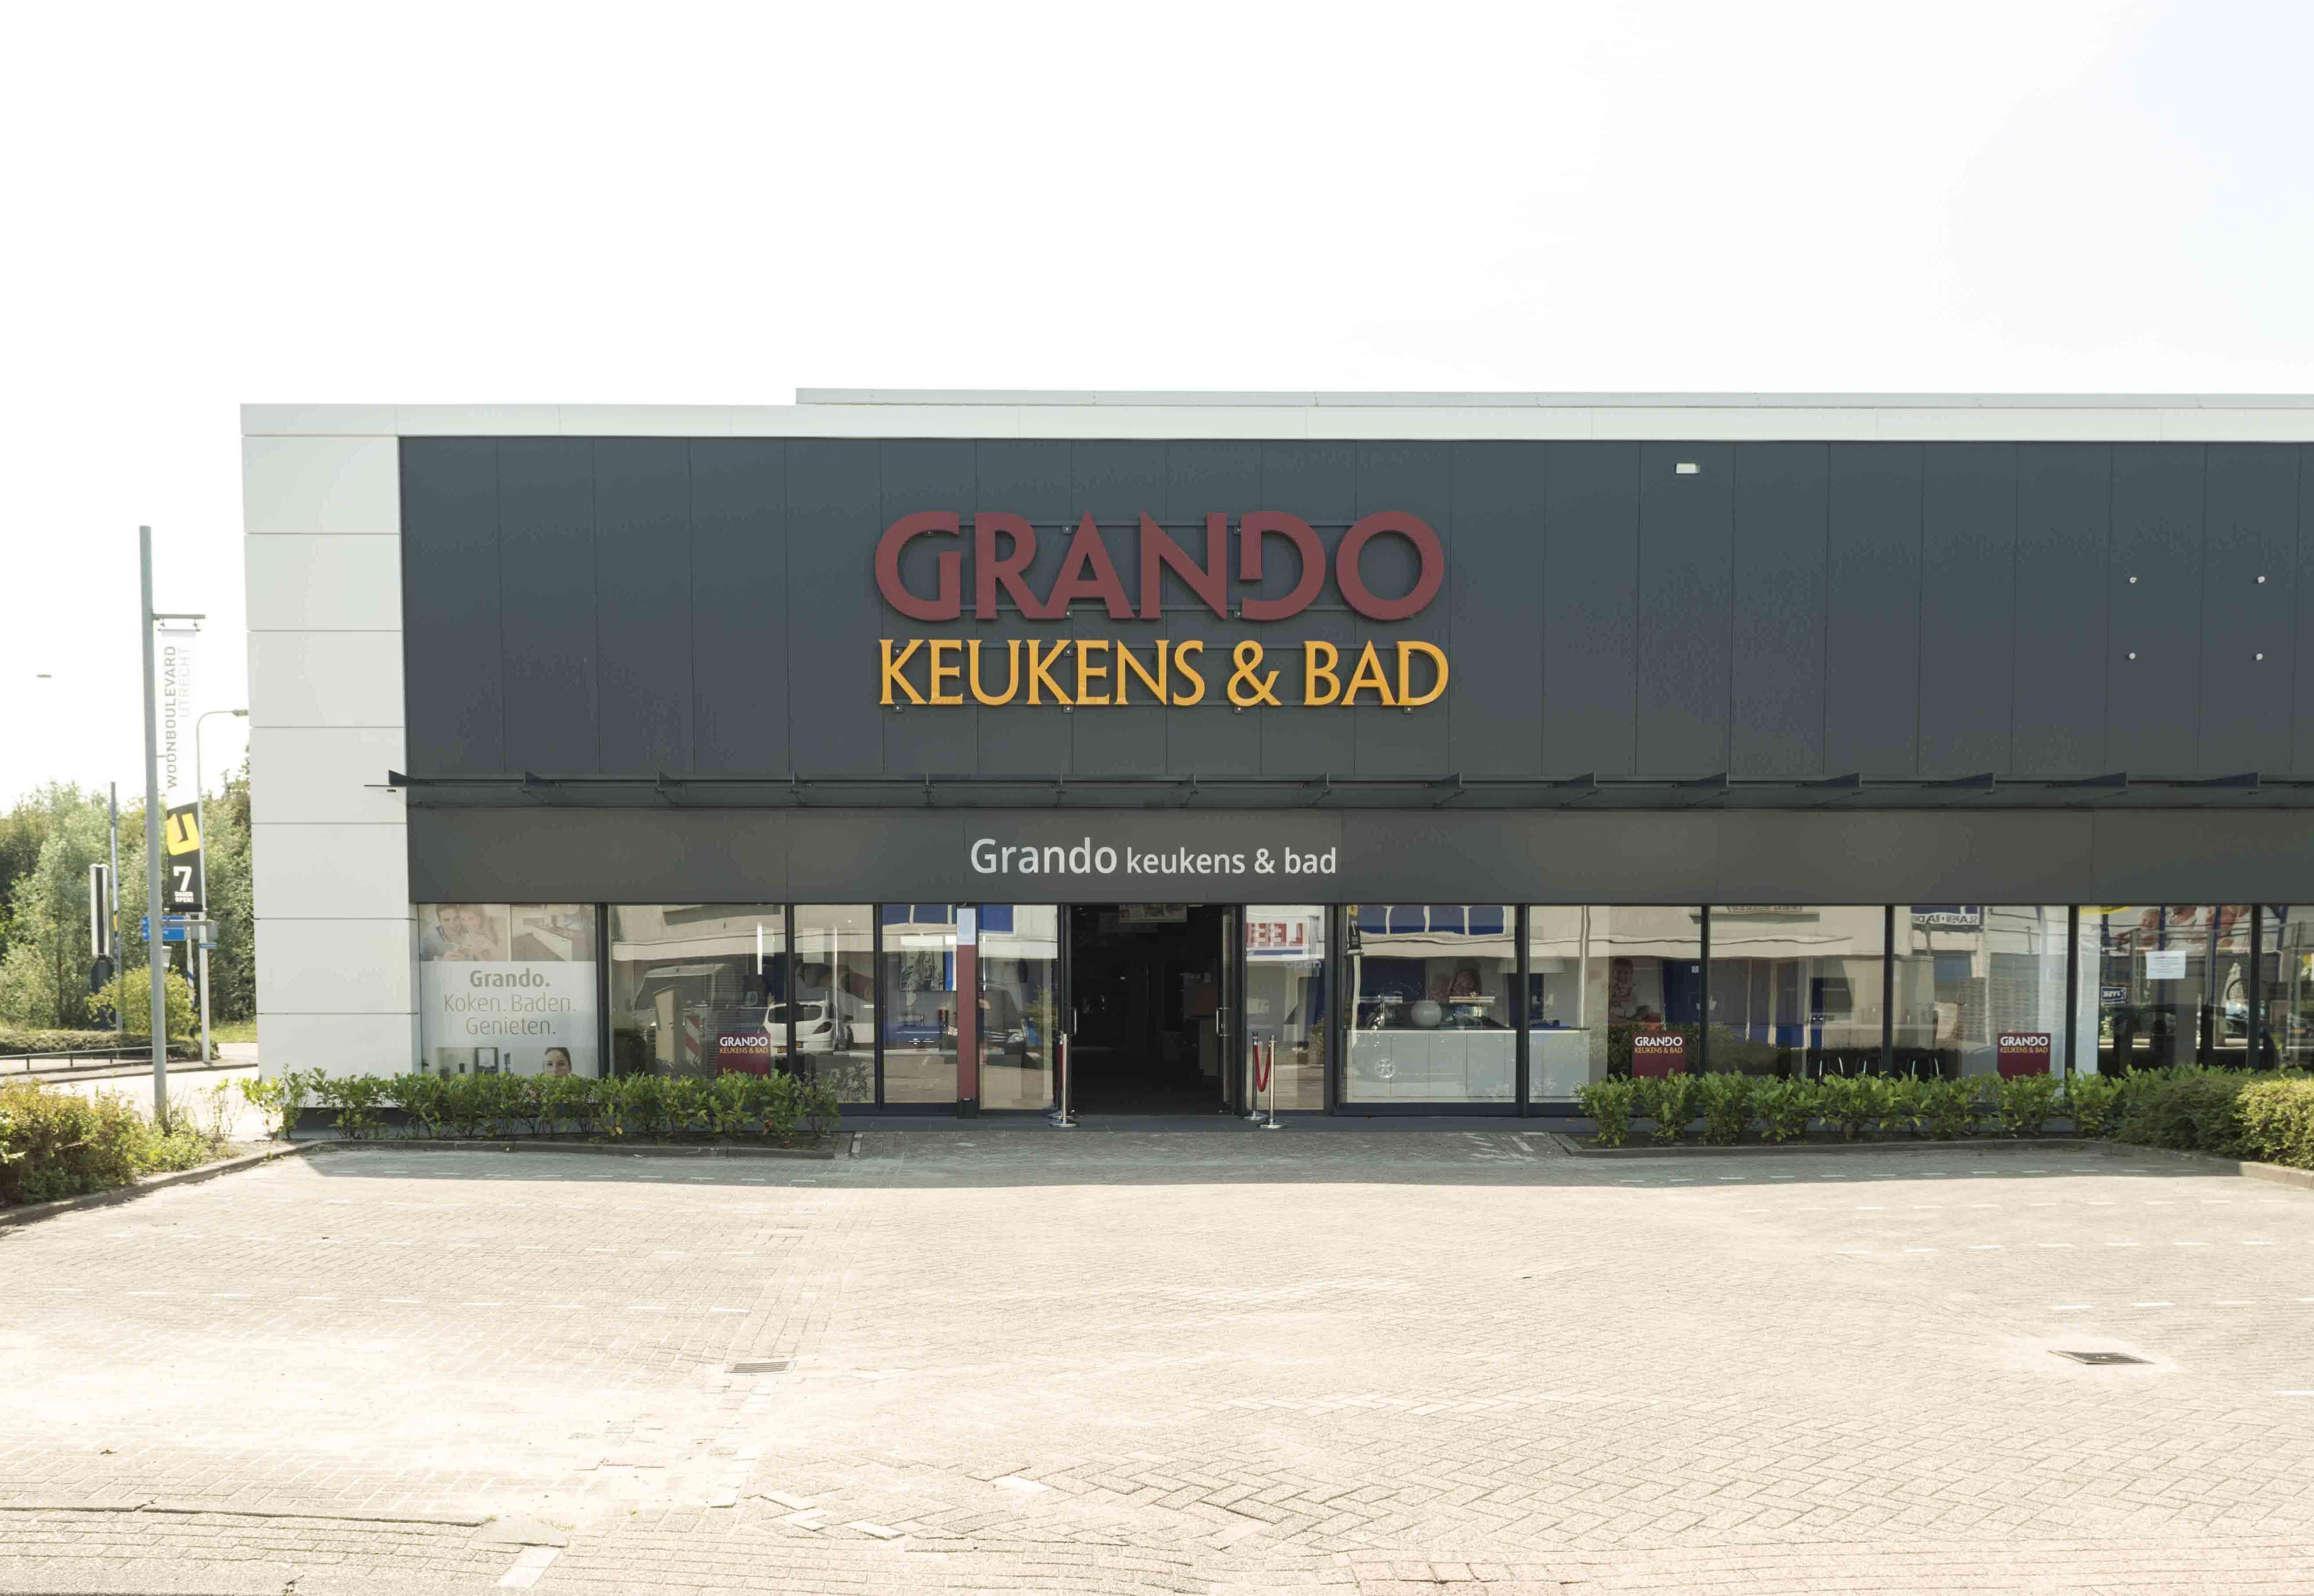 Luxe Keuken Hilversum : Ondernemer worden? Grando Keukens & Bad zoekt franchisenemers!